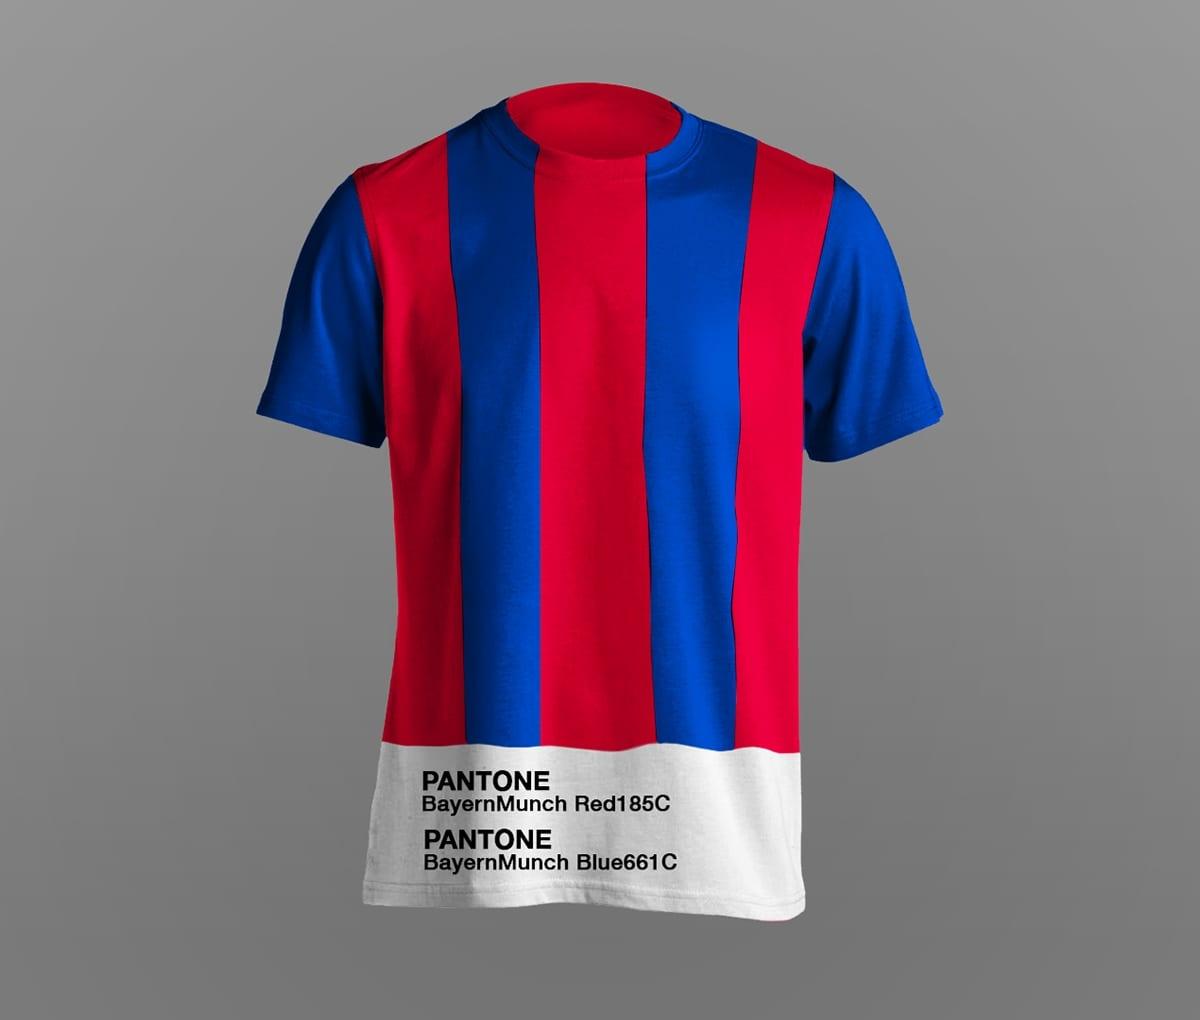 0f03bd415f493f306232d5aaf06147bc - Futbalové dresy, ktoré sa vyfarbili